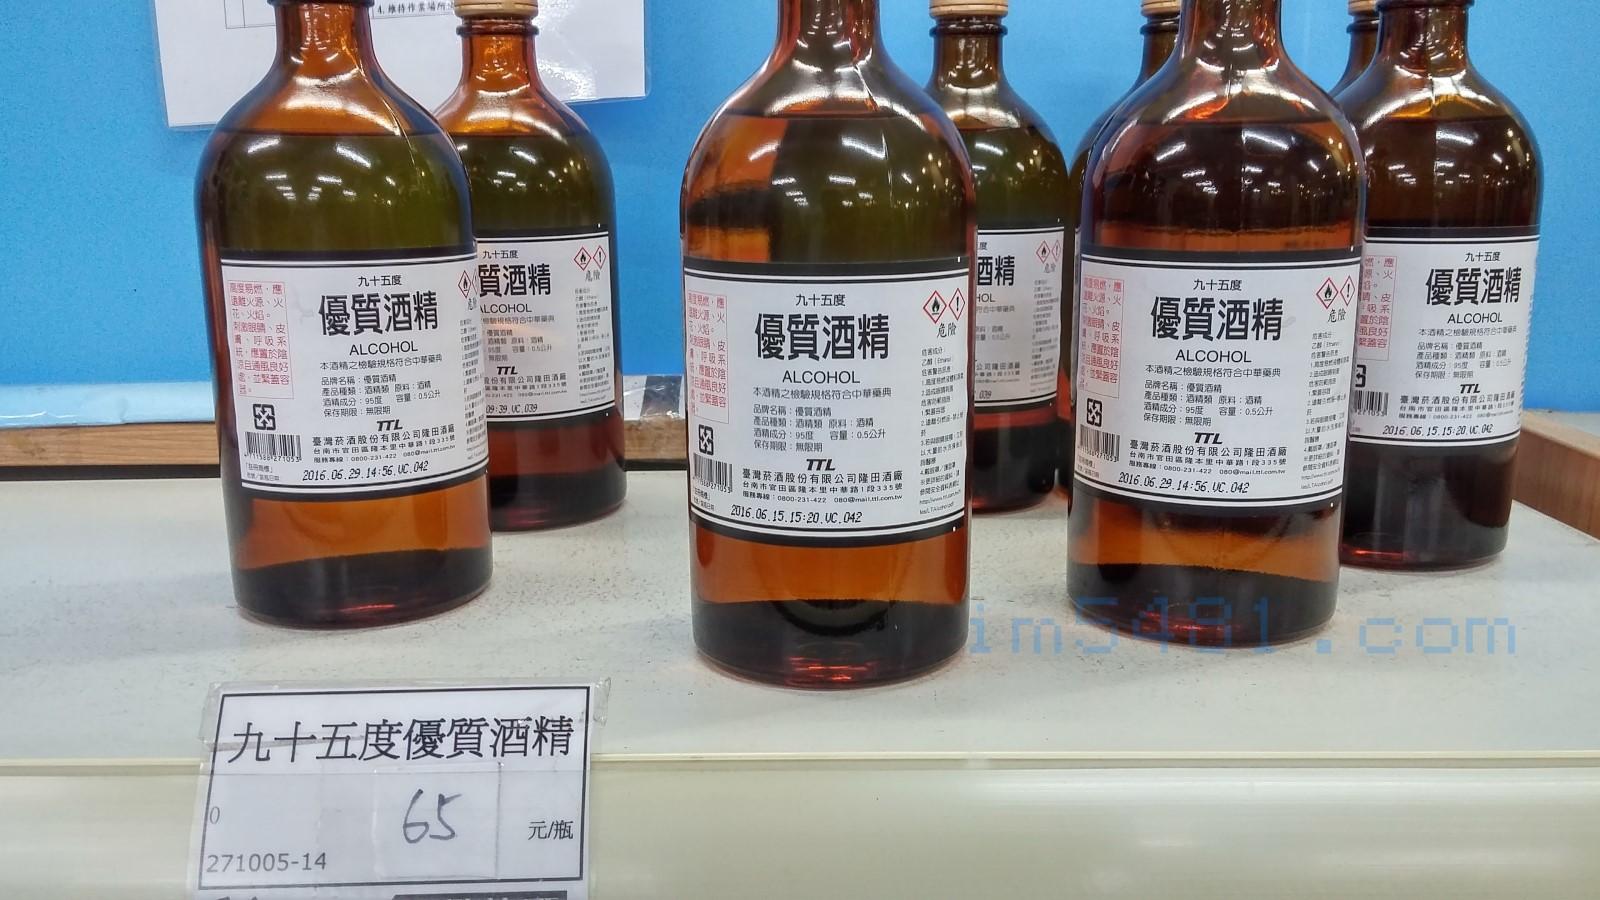 台灣最普遍的台灣菸酒95度優質酒精